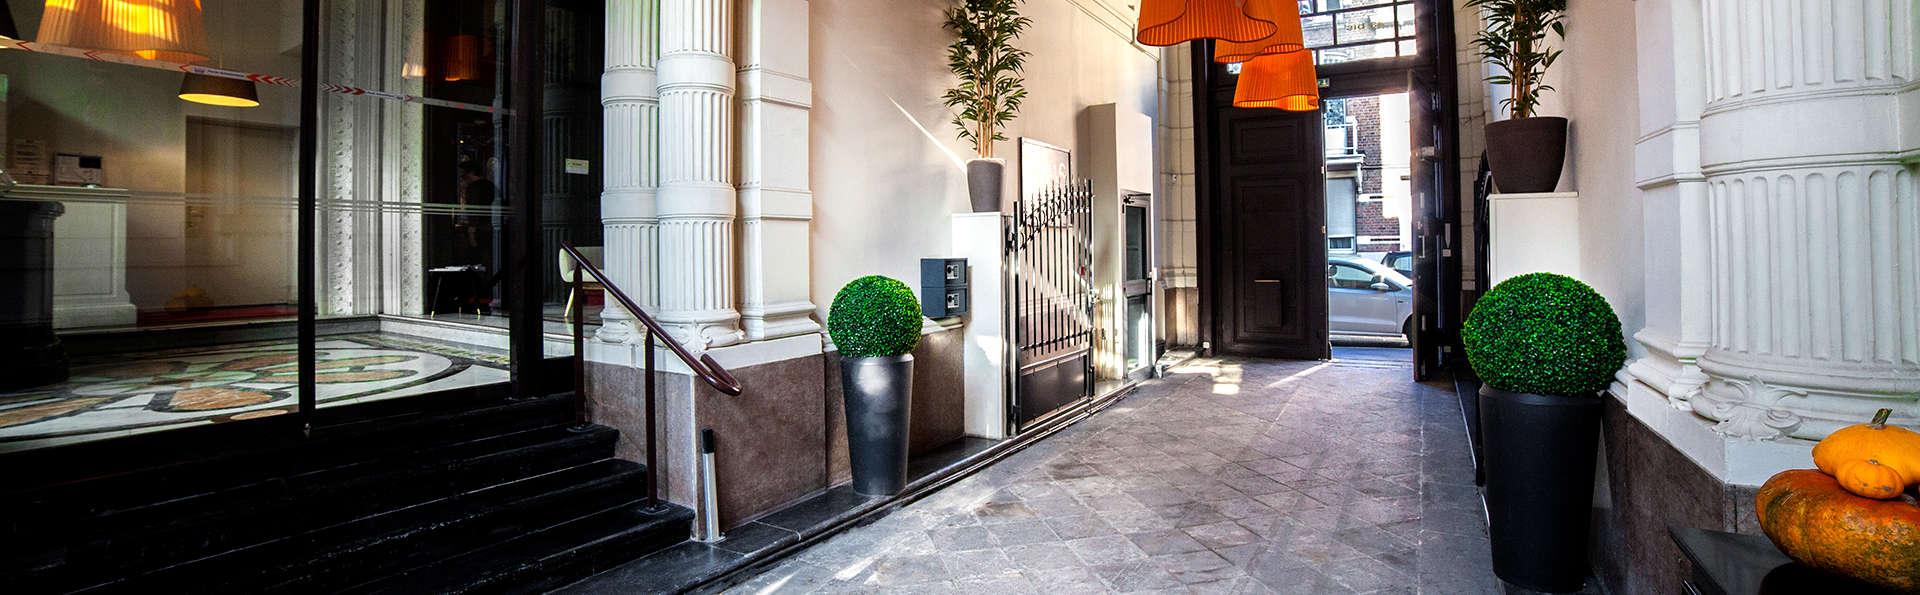 Best Western Urban Hotel & Spa - EDIT_NEW_ENTRANCE.jpg